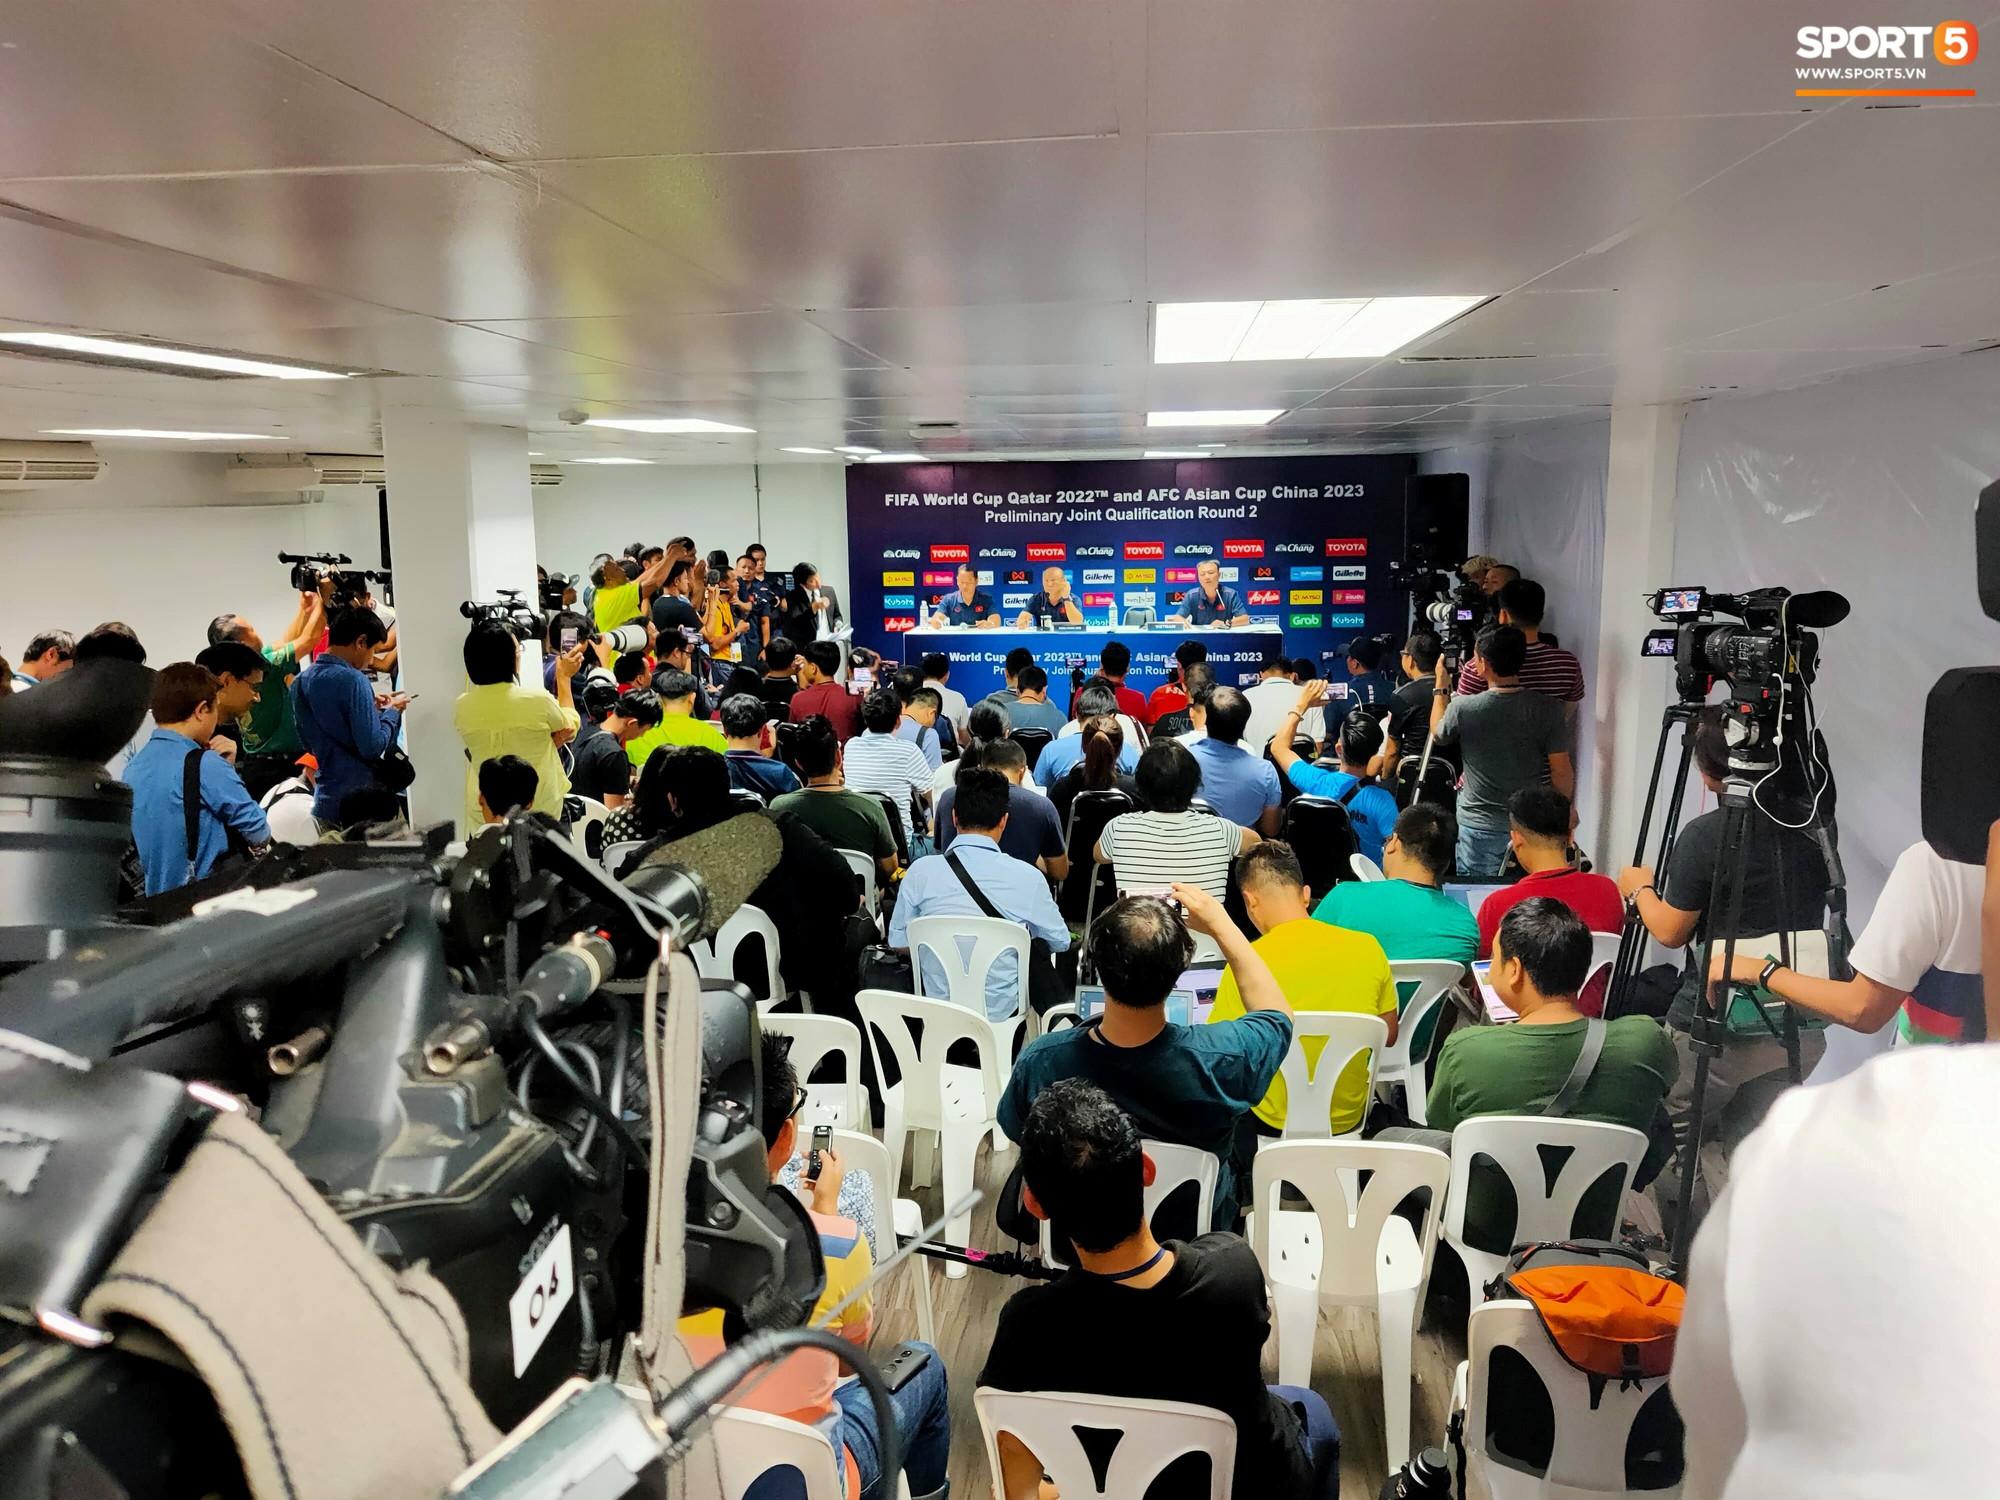 VZN News: HLV Park Hang-seo phát cáu vì không được phóng viên Thái Lan tôn trọng ở buổi họp báo trước trận - Ảnh 2.